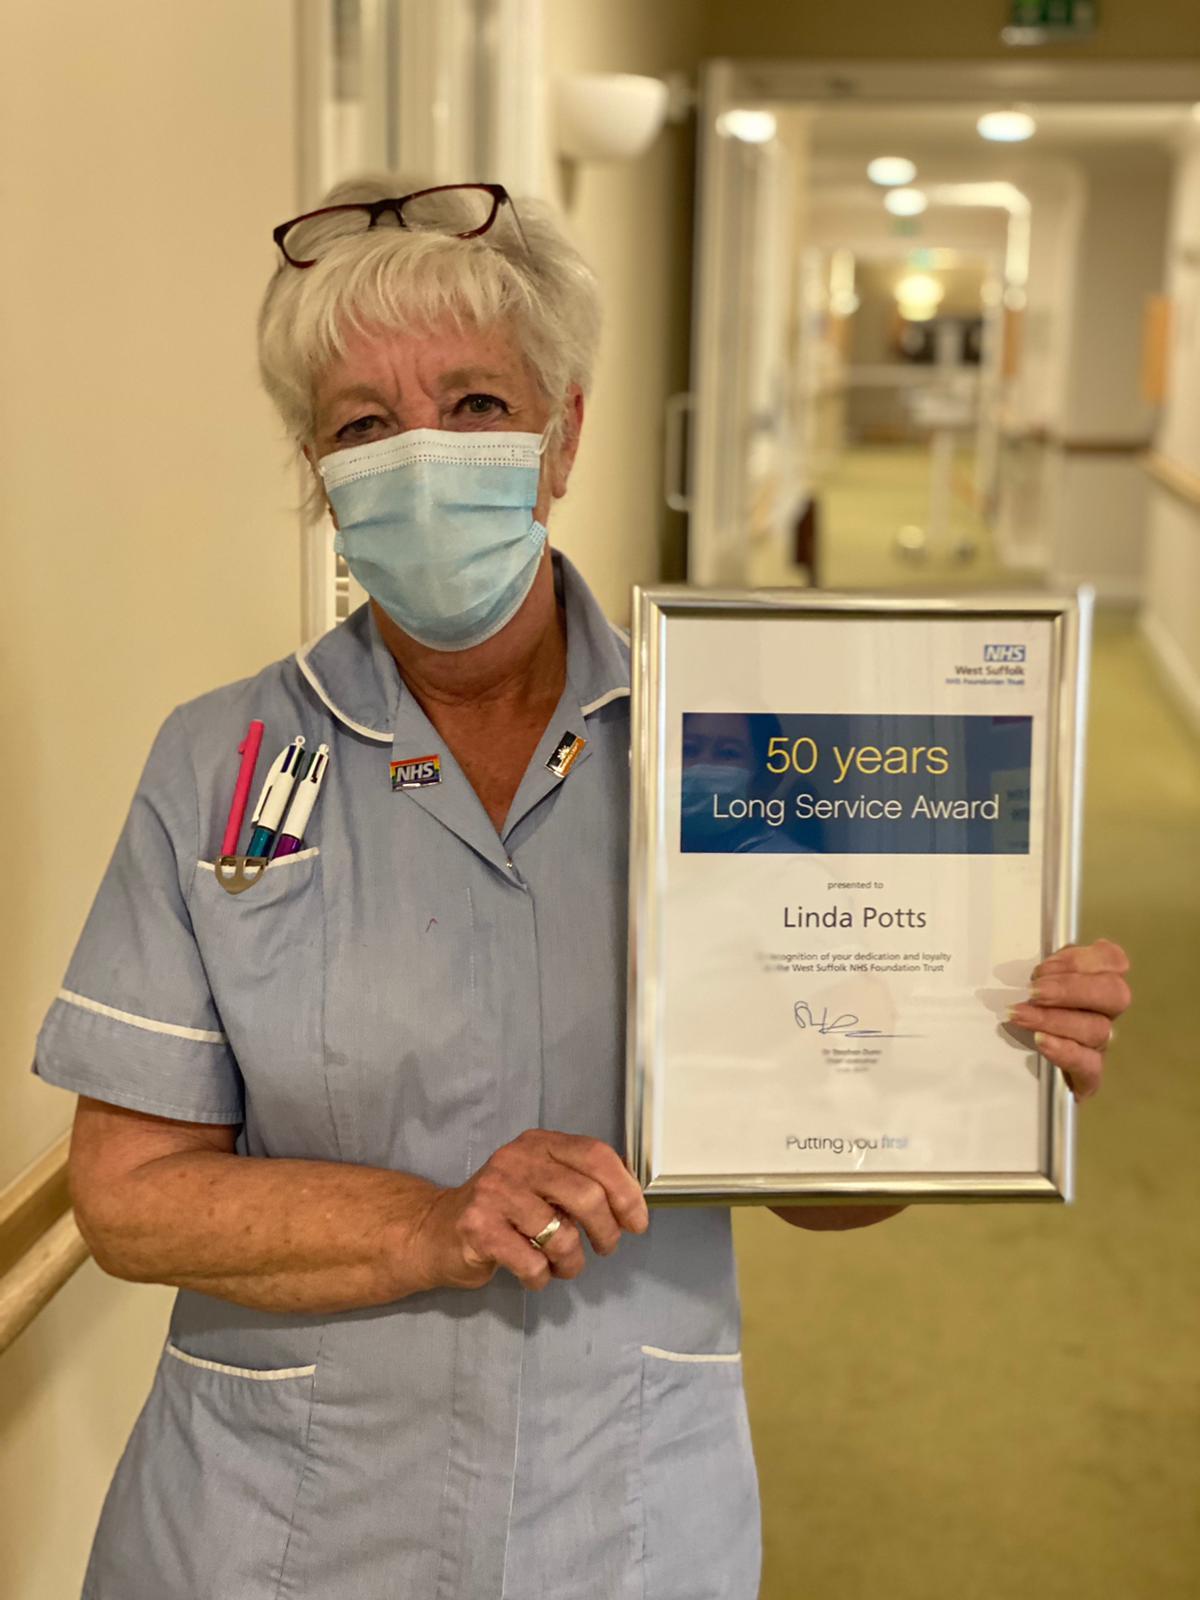 Linda Potts receiving long service award